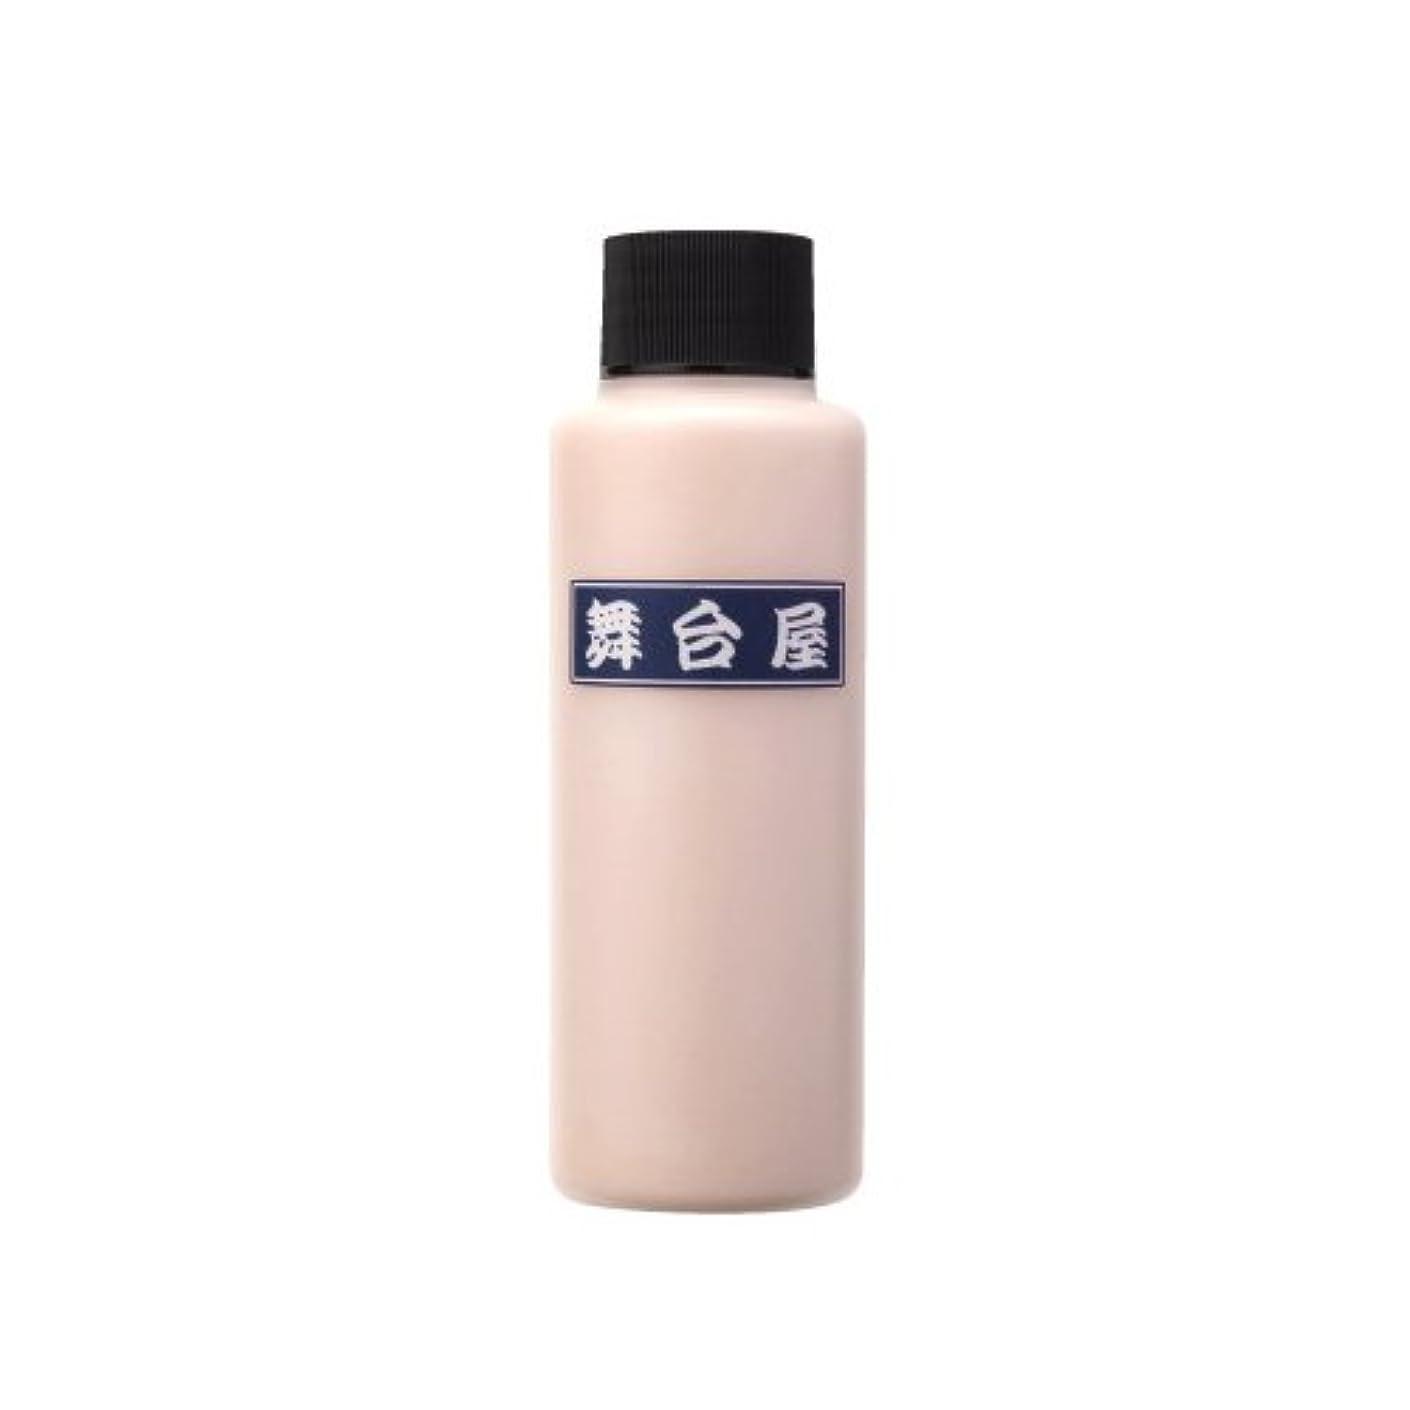 三番上院議員表向き舞台屋 水白粉 ピンク-3